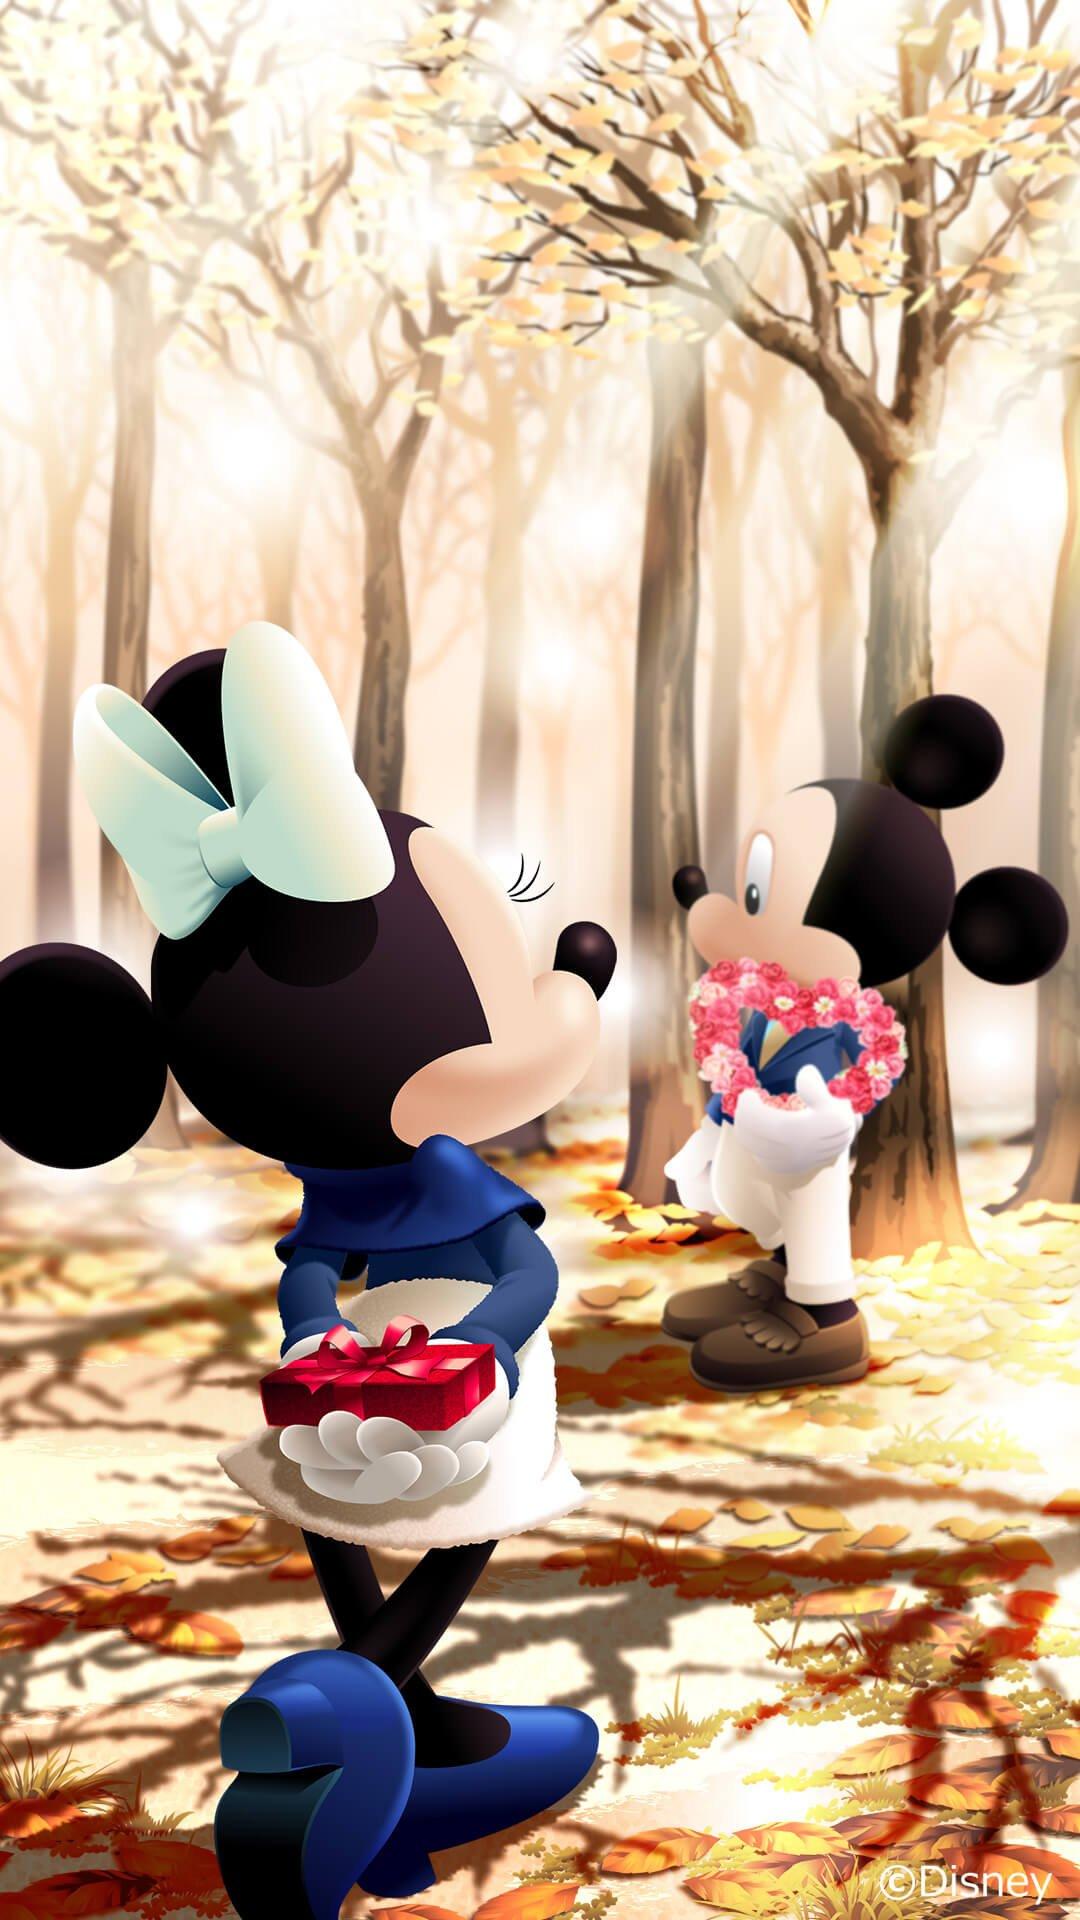 2月はミニーのアニメスタンプも登場 Lineファンアカウント Disney X Line Dtimes